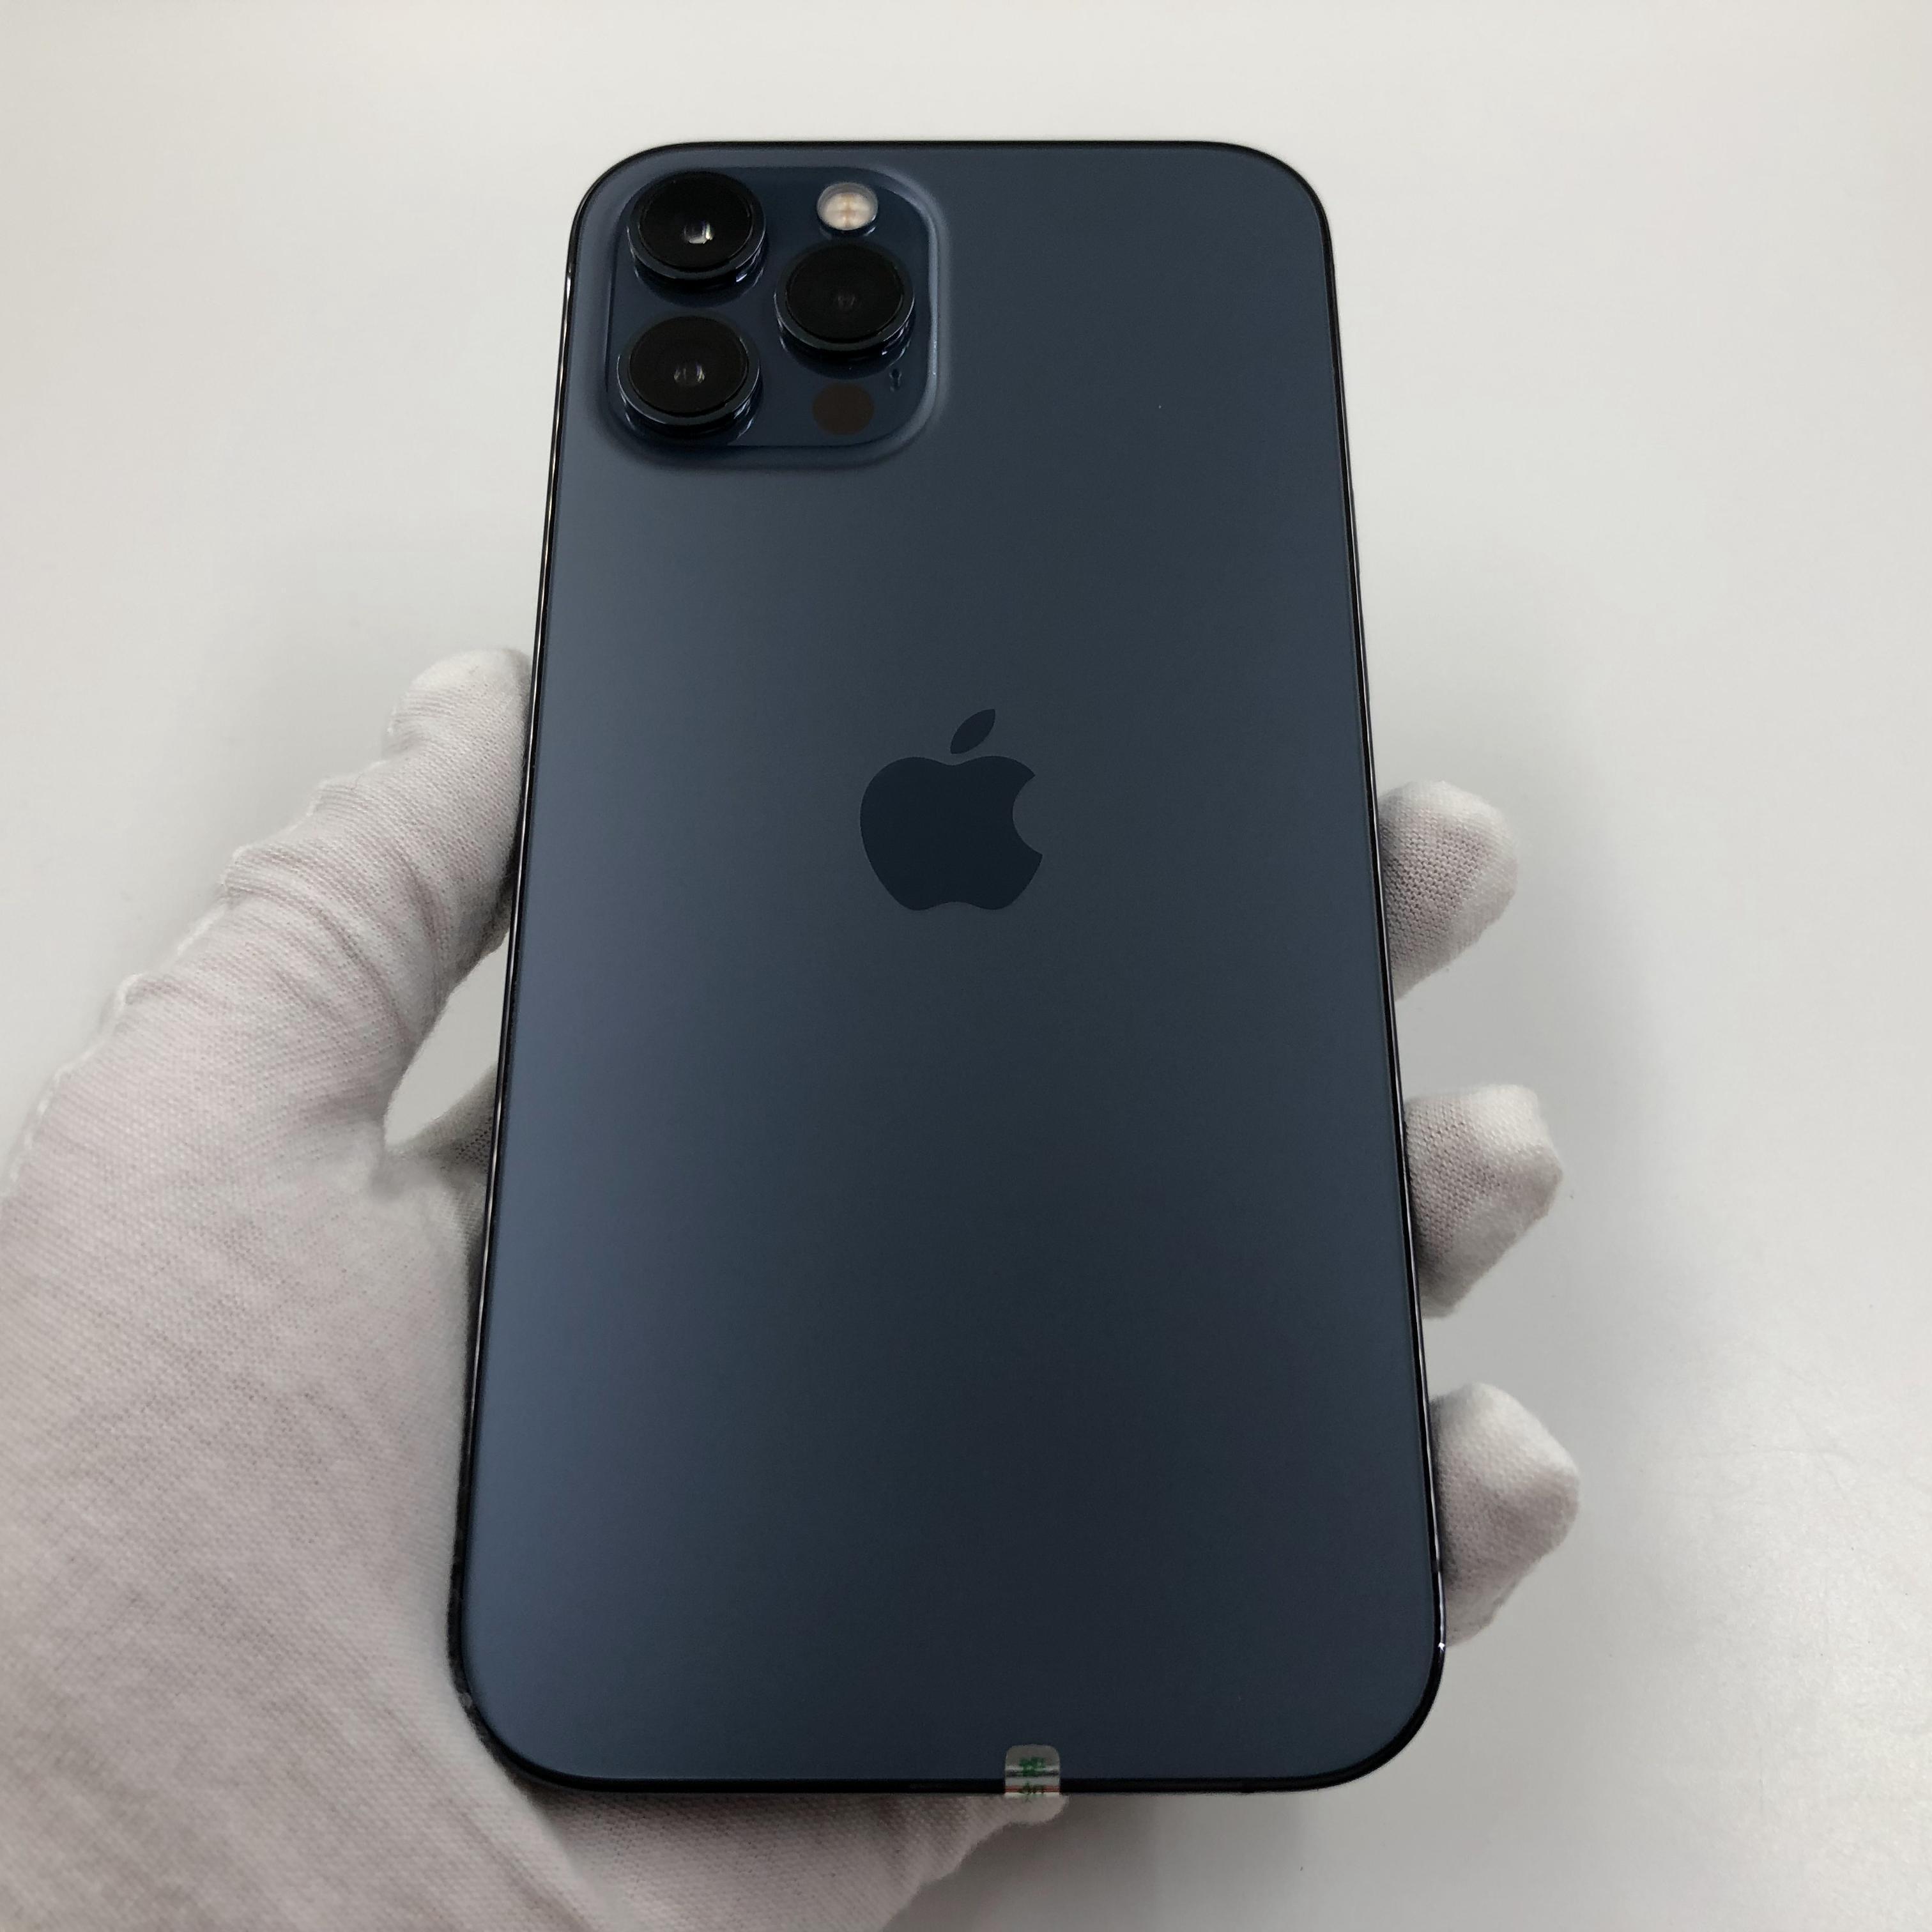 苹果【iPhone 12 Pro Max】5G全网通 海蓝色 256G 国行 95新 真机实拍官保2021-12-29